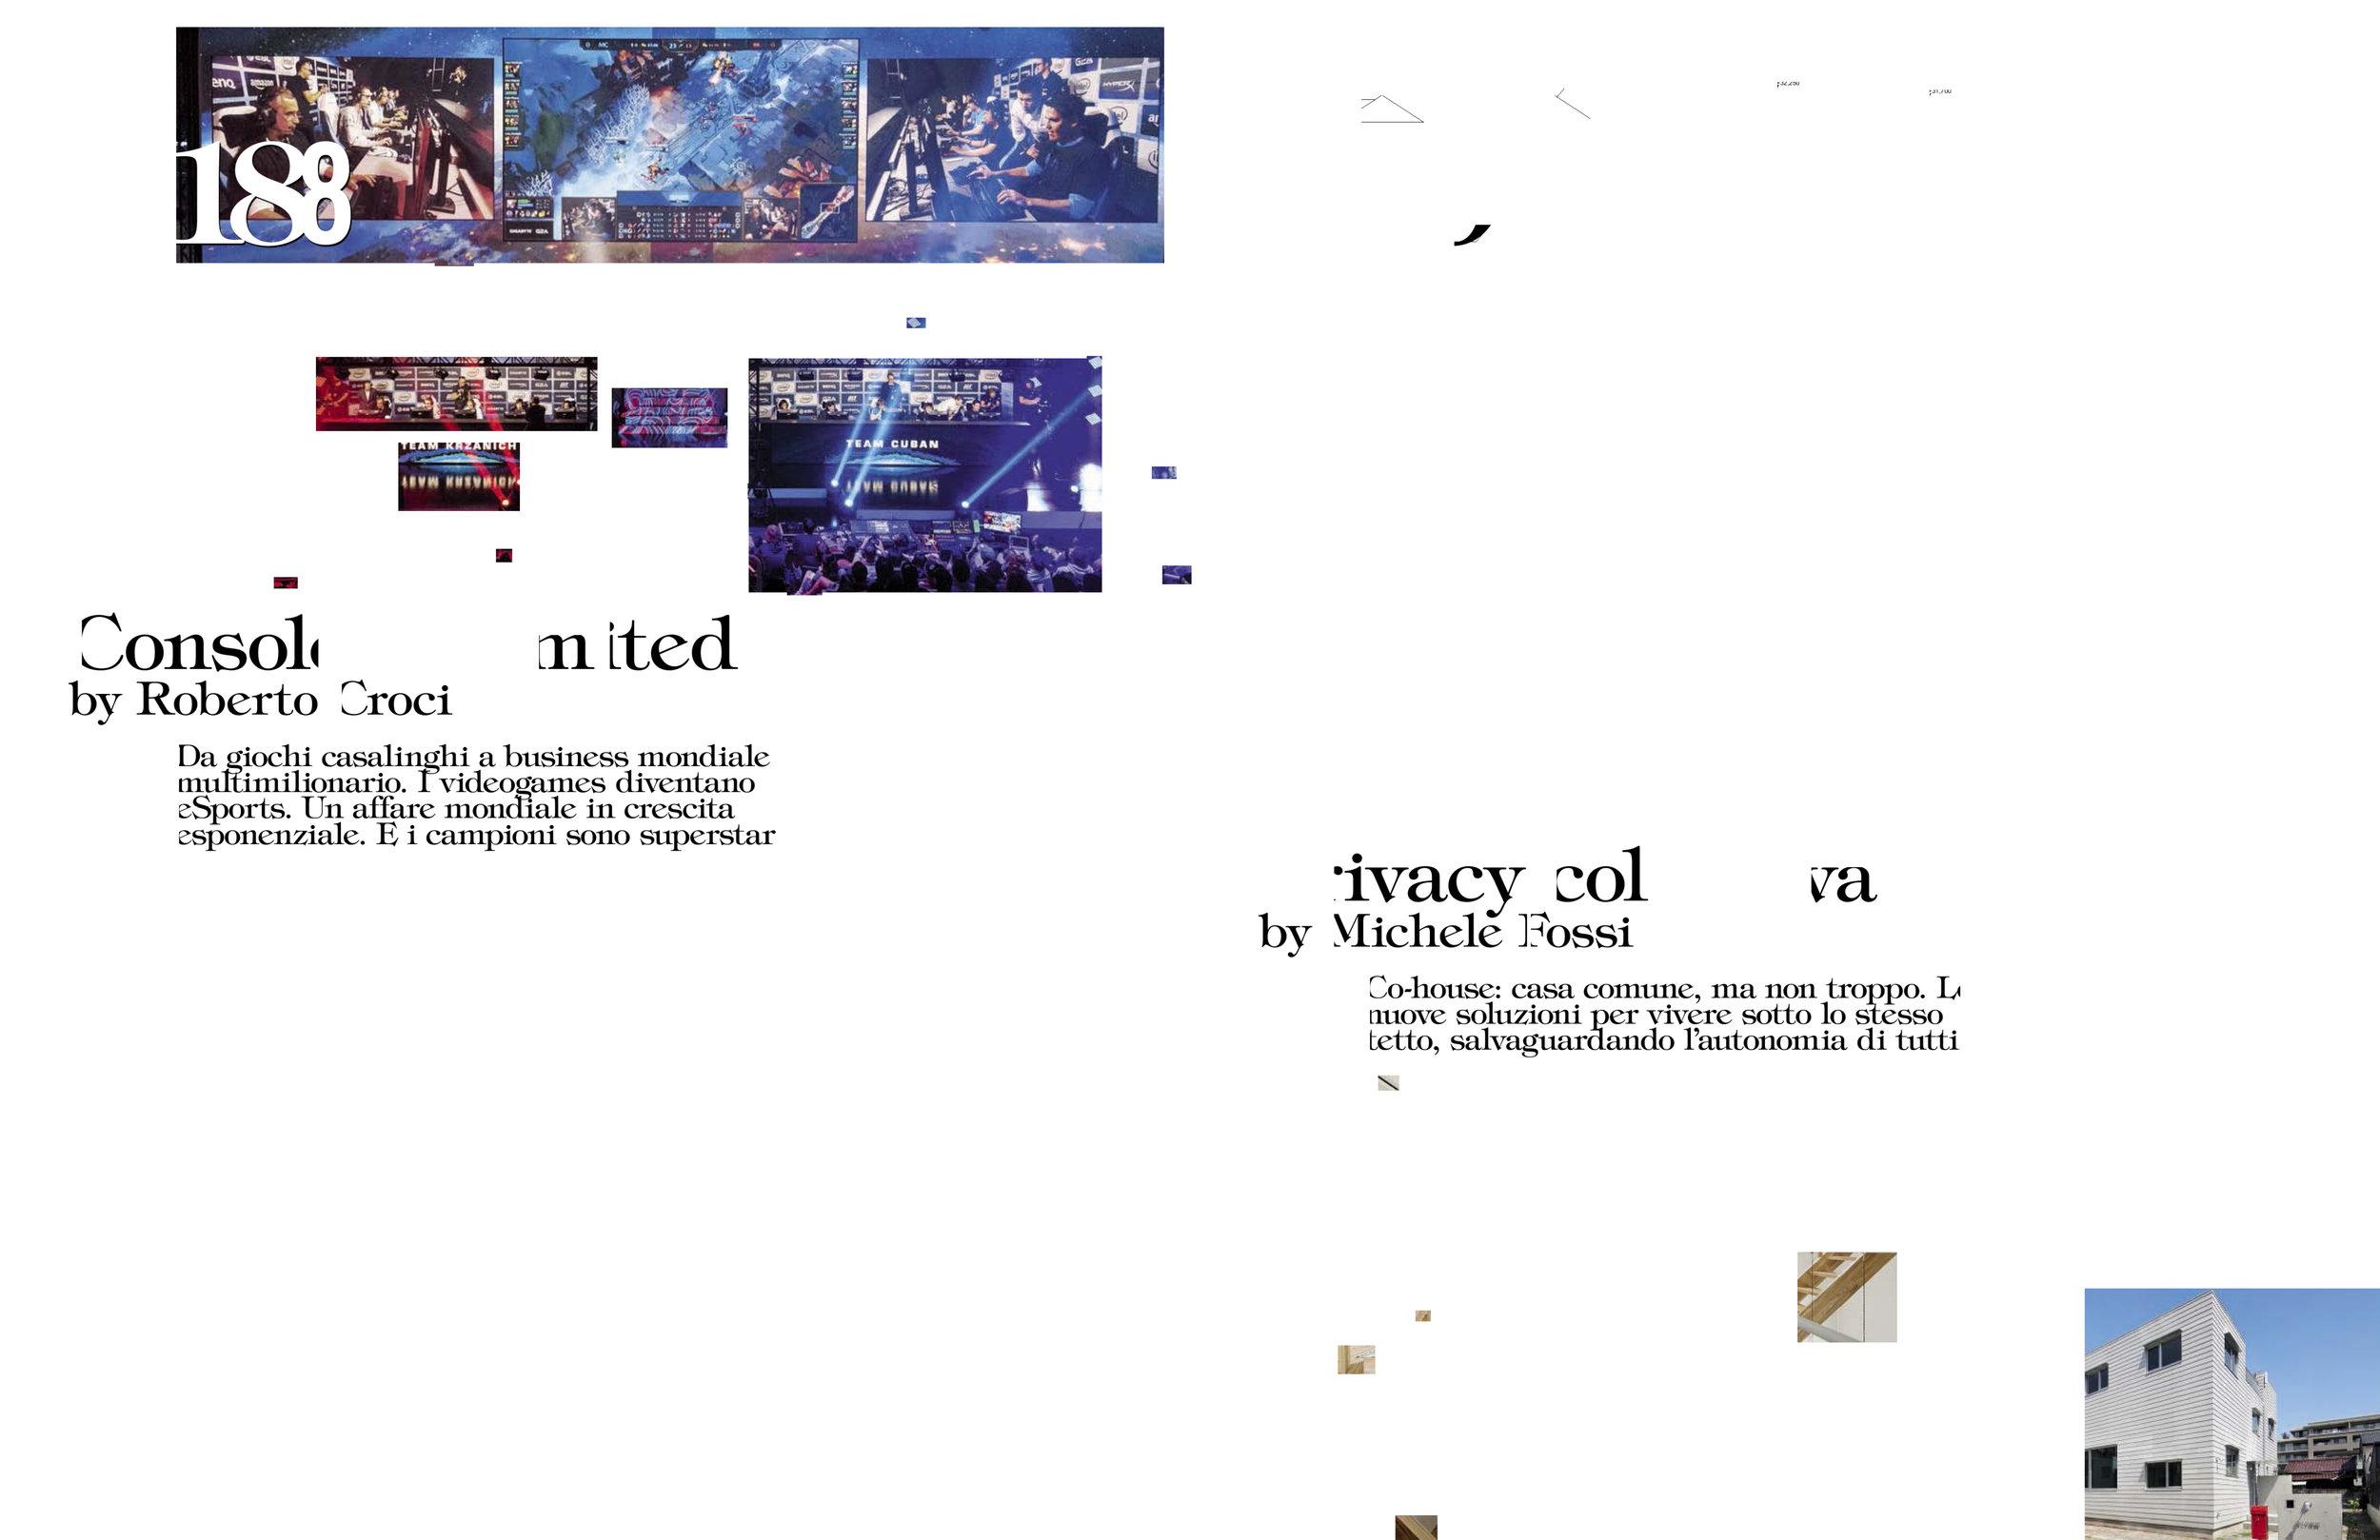 vogue143.jpg